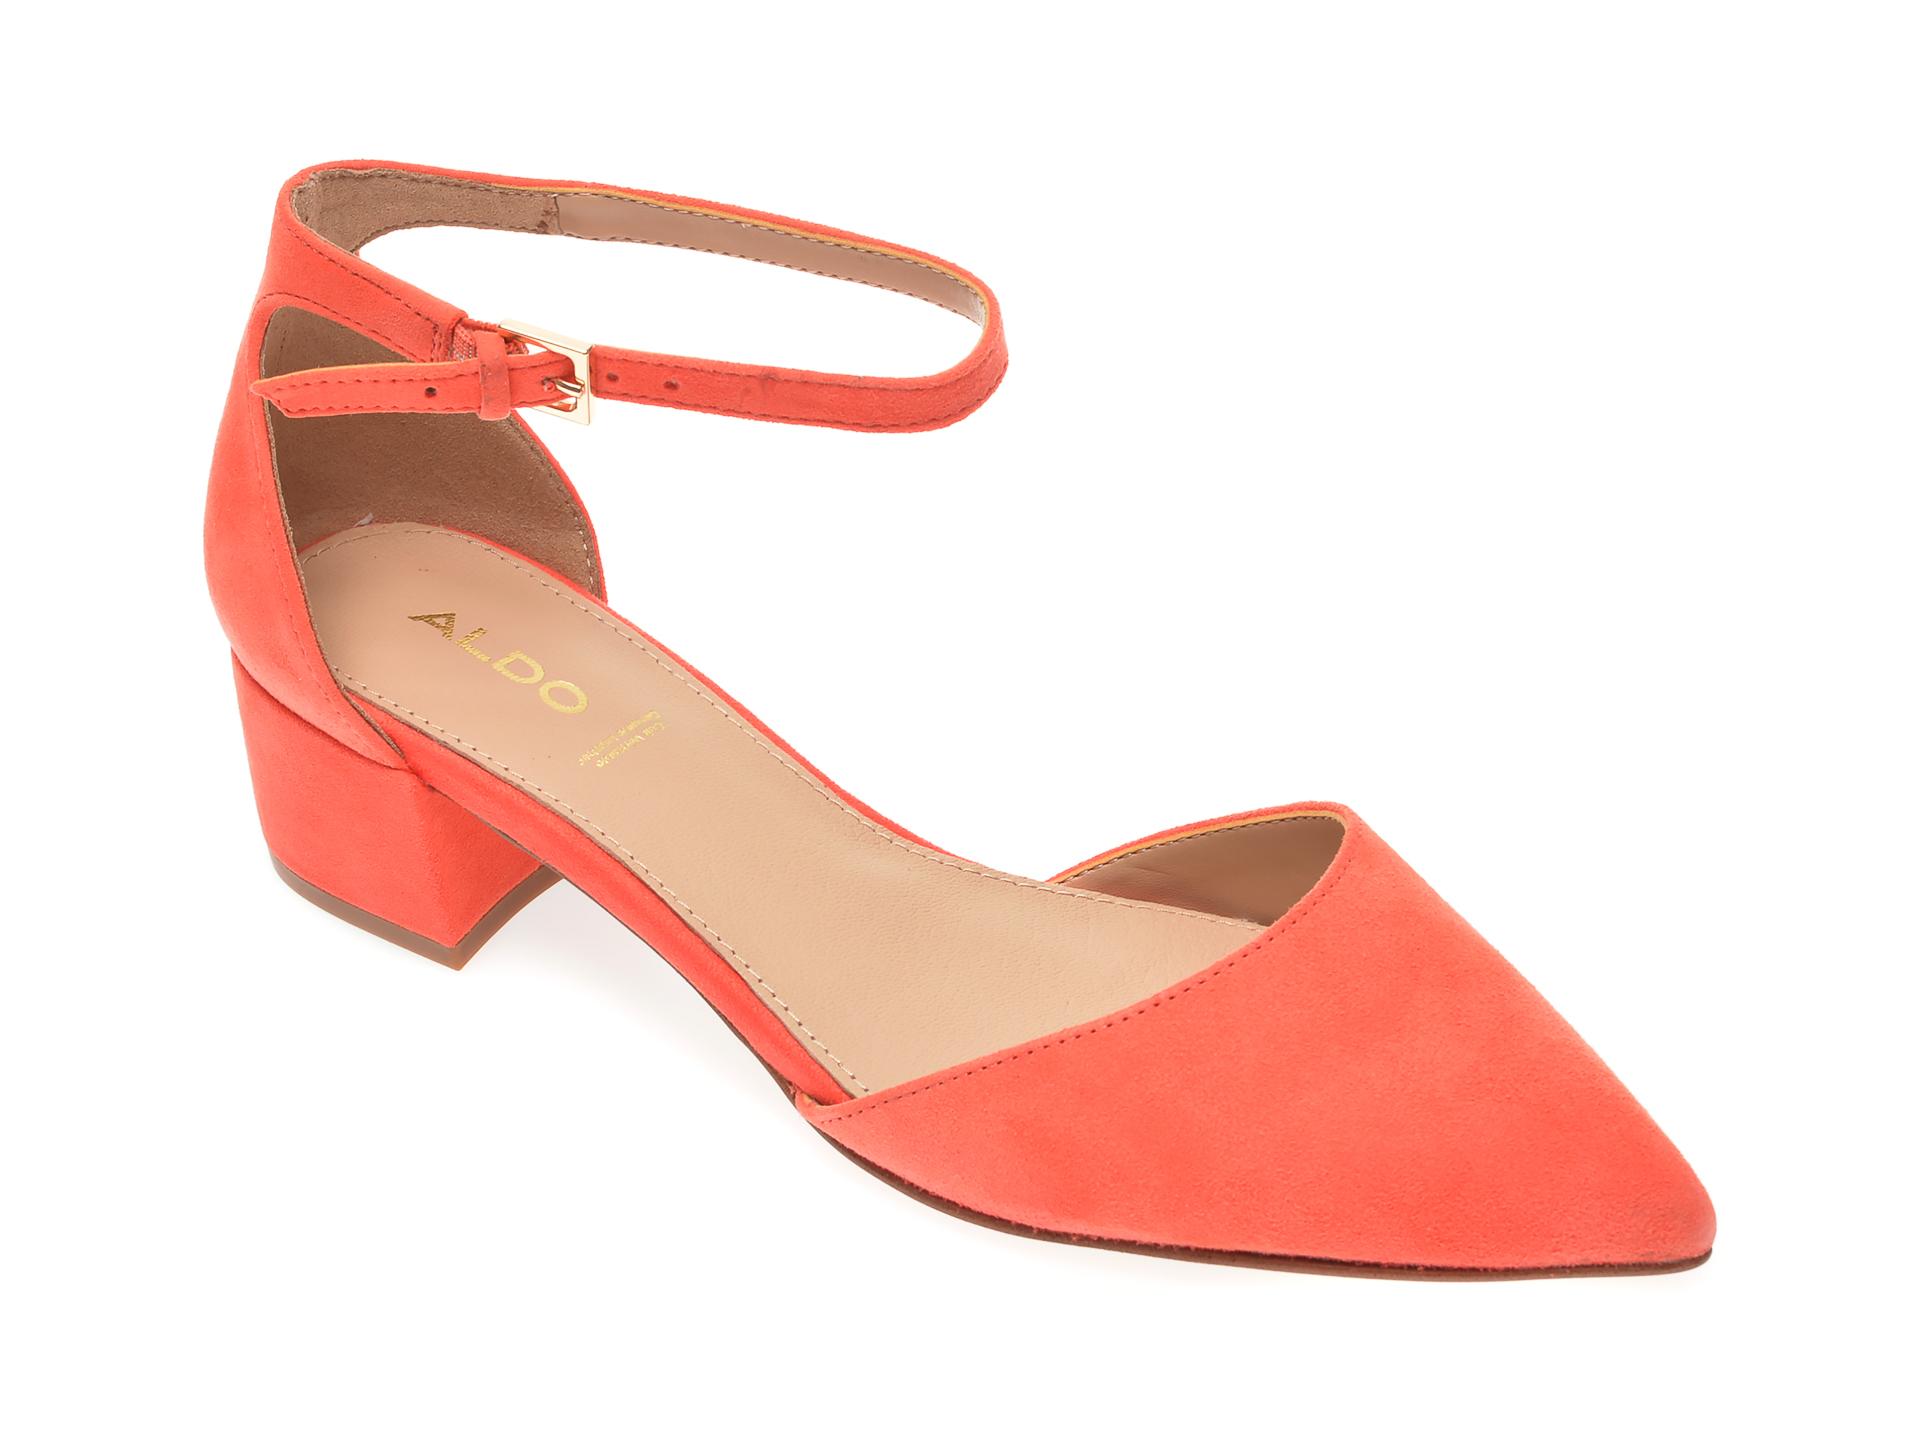 Pantofi ALDO portocalii, Zulian840, din piele intoarsa